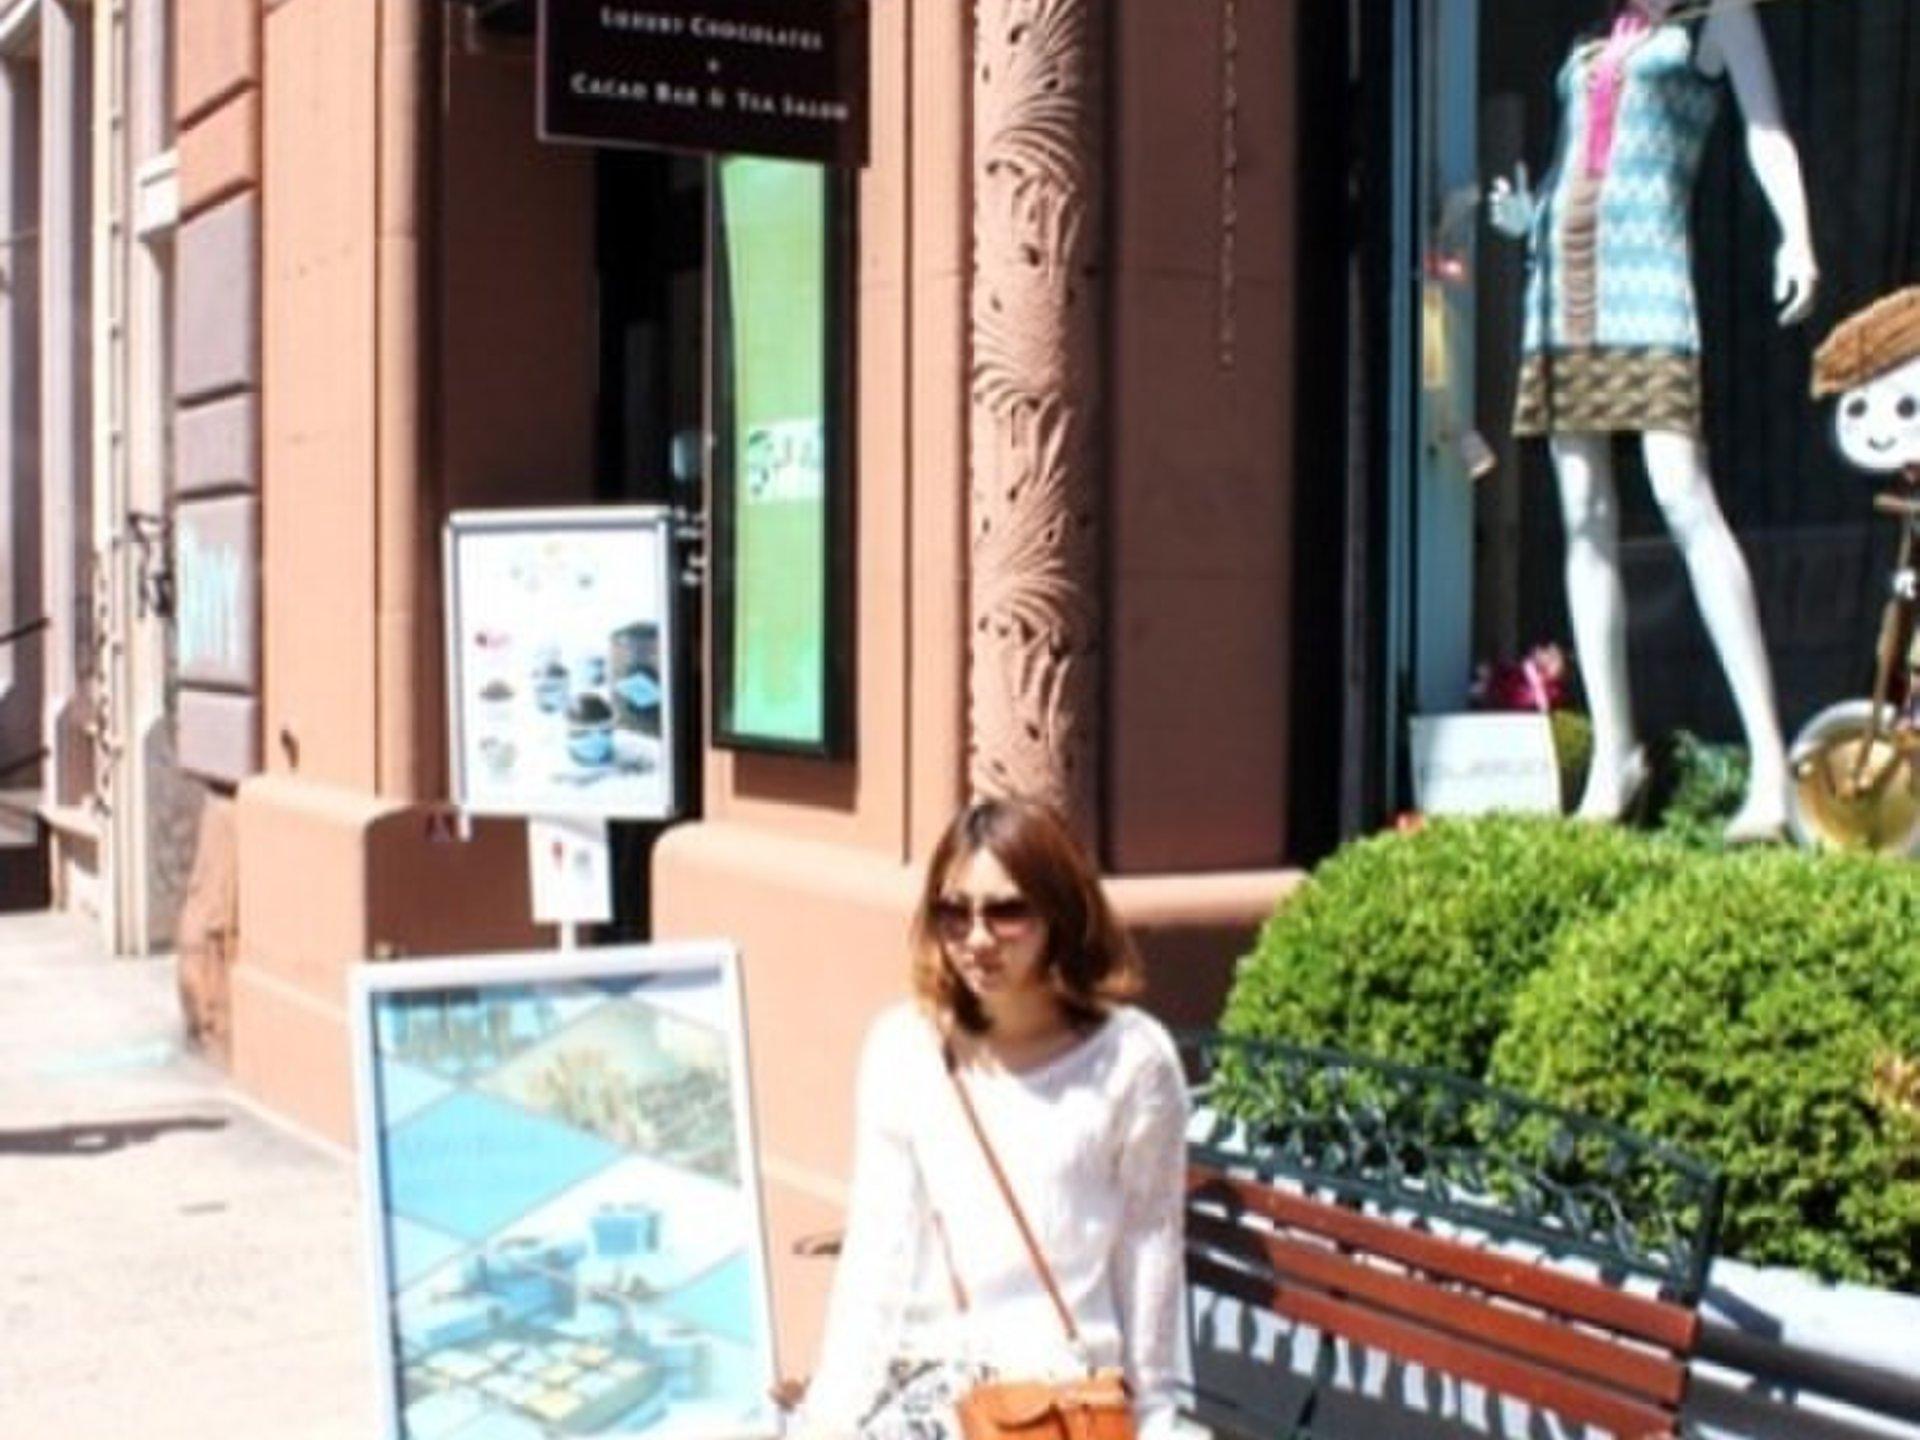 【ニューヨーク】大人気チョコ≪マリベルSOHO店☆≫激可愛カフェでティータイム&お勧め土産大公開‼︎